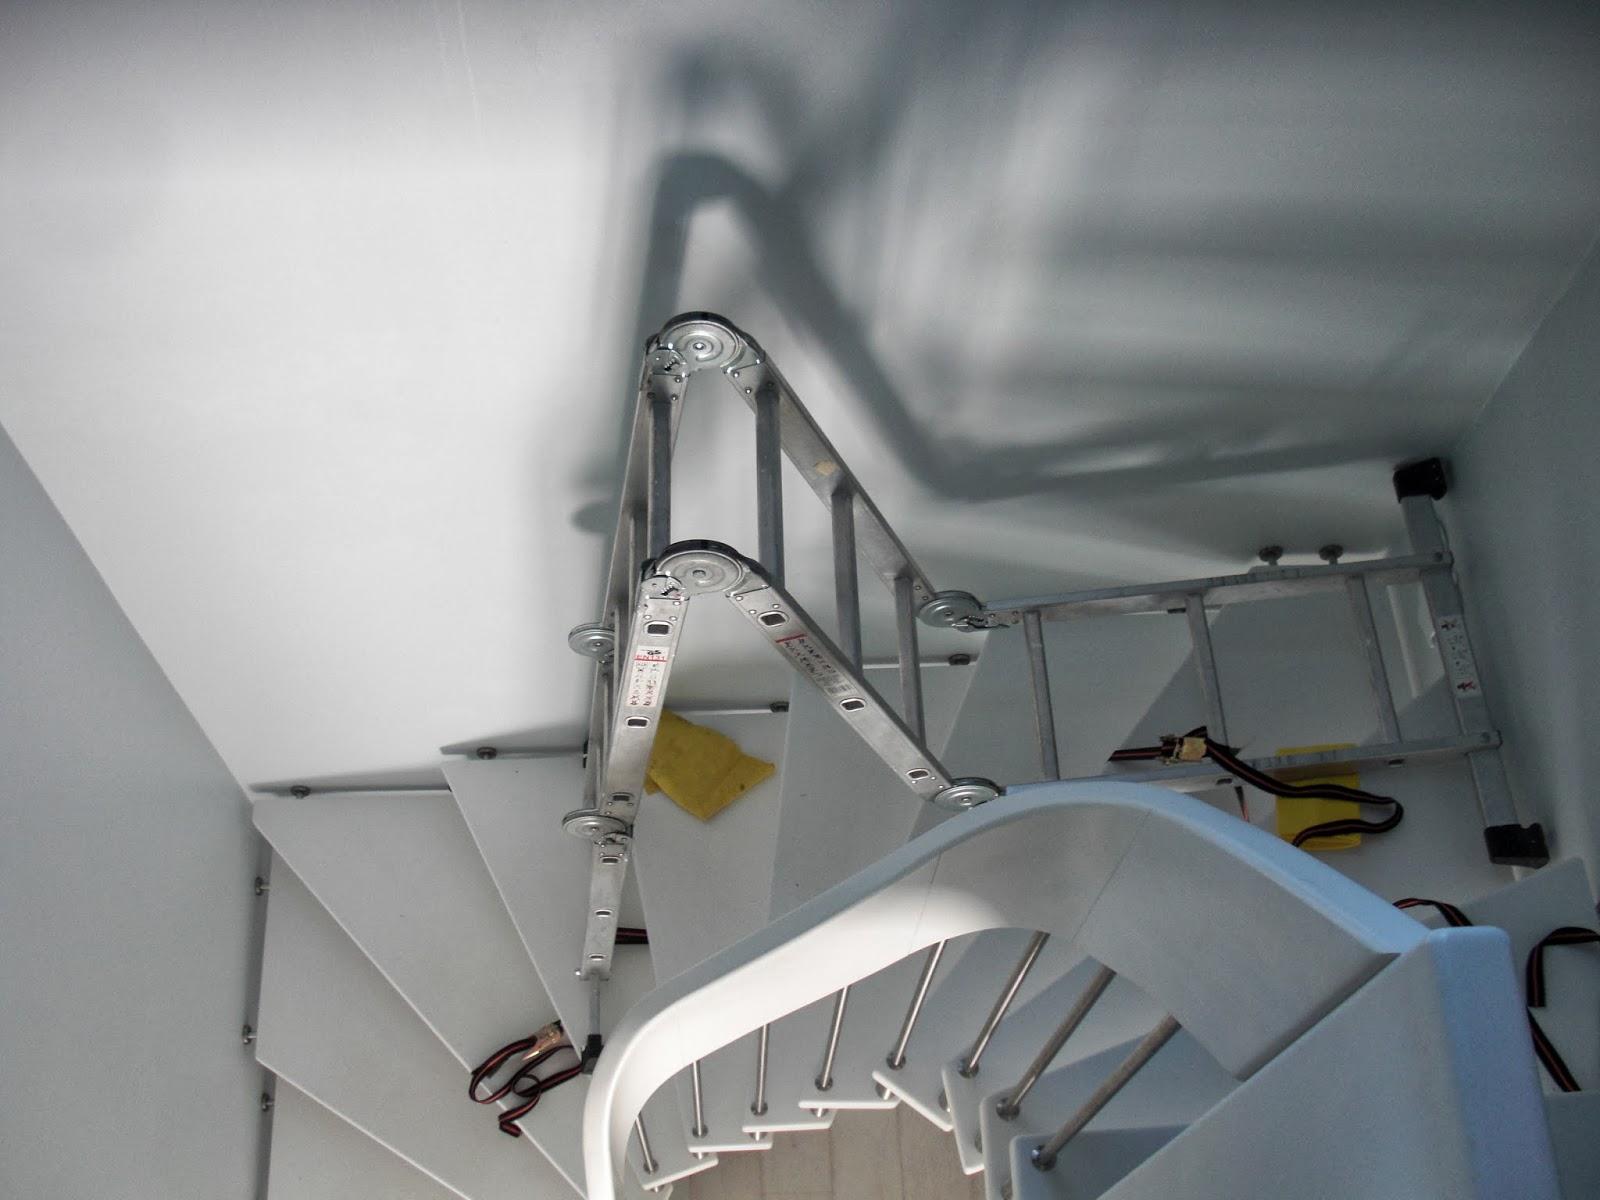 Einzigartig heim-elich: Daredevil - Fenster putzen über der Treppe NW18